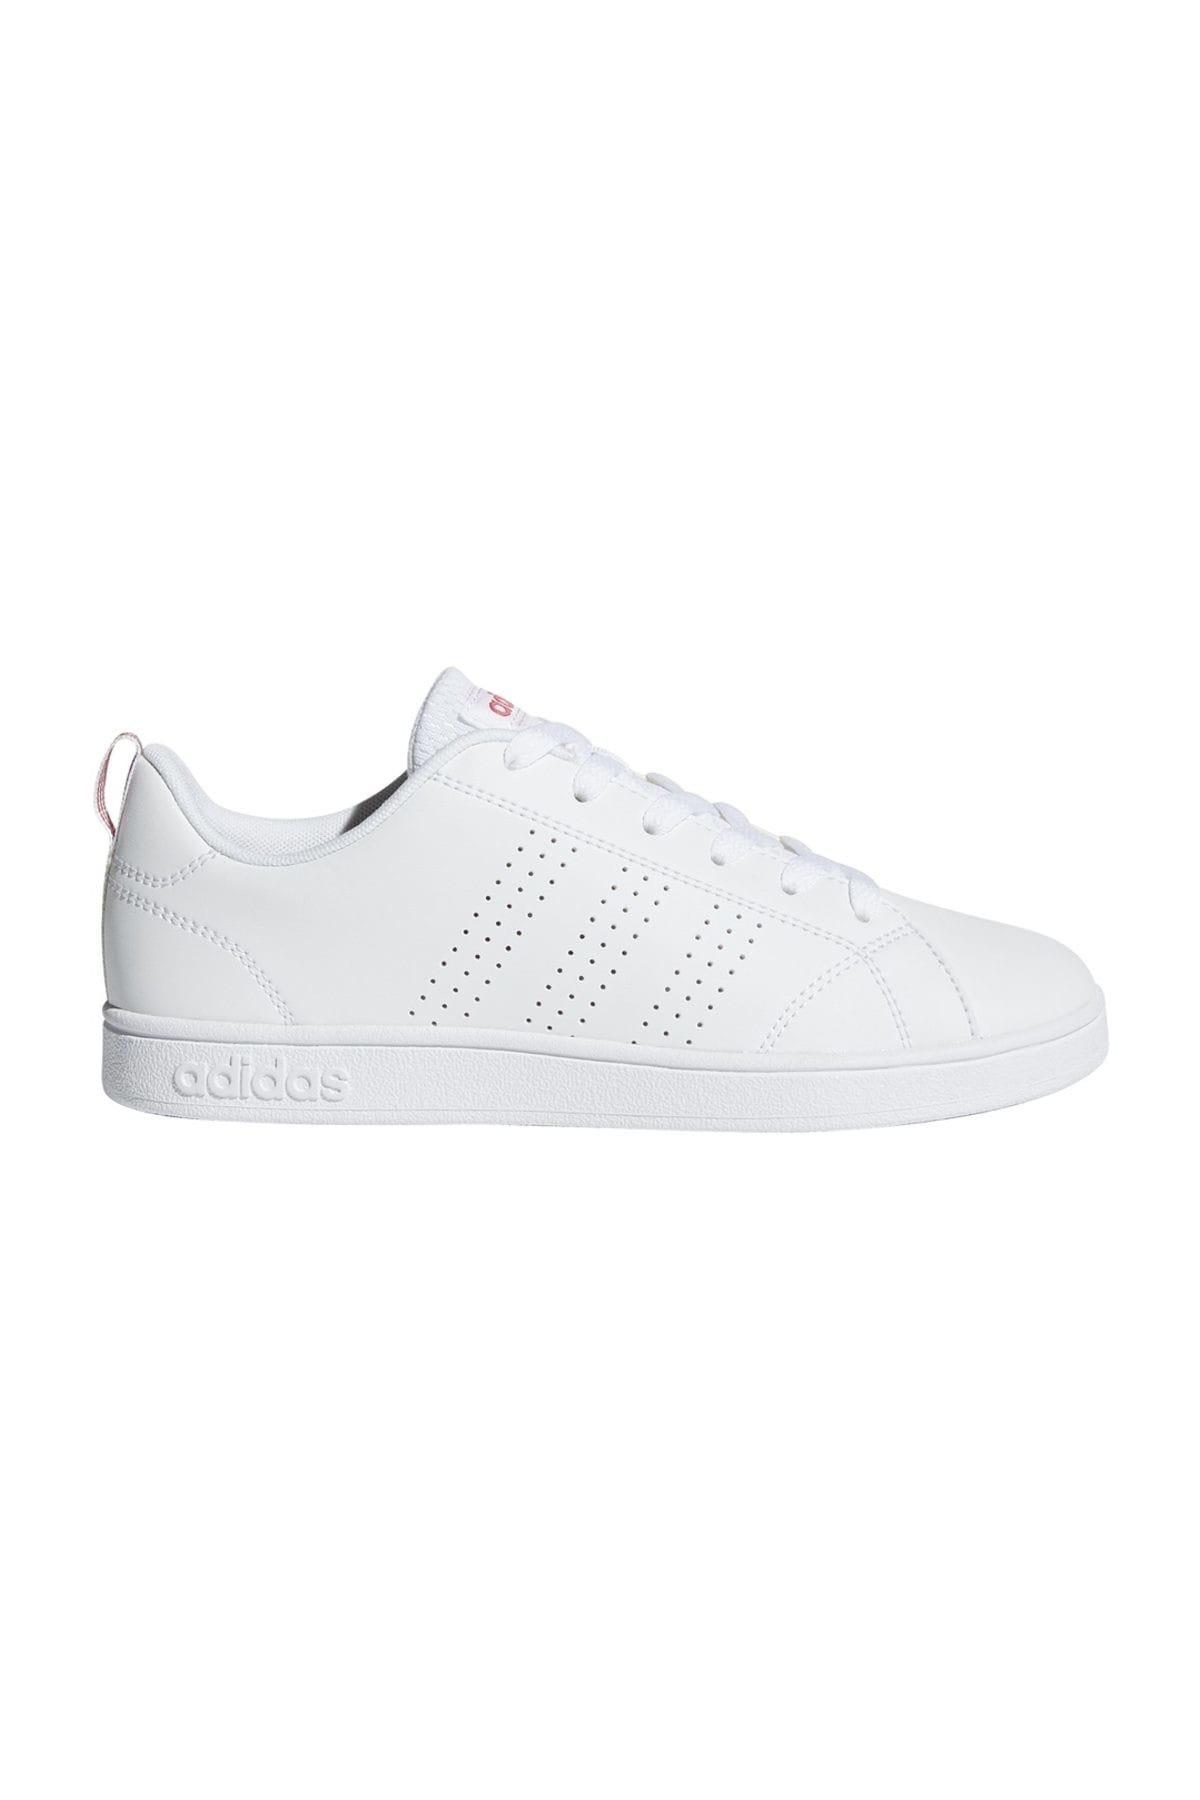 adidas VS Advantage Clean Beyaz Mercan Kız Çocuk Sneaker 100323765 2